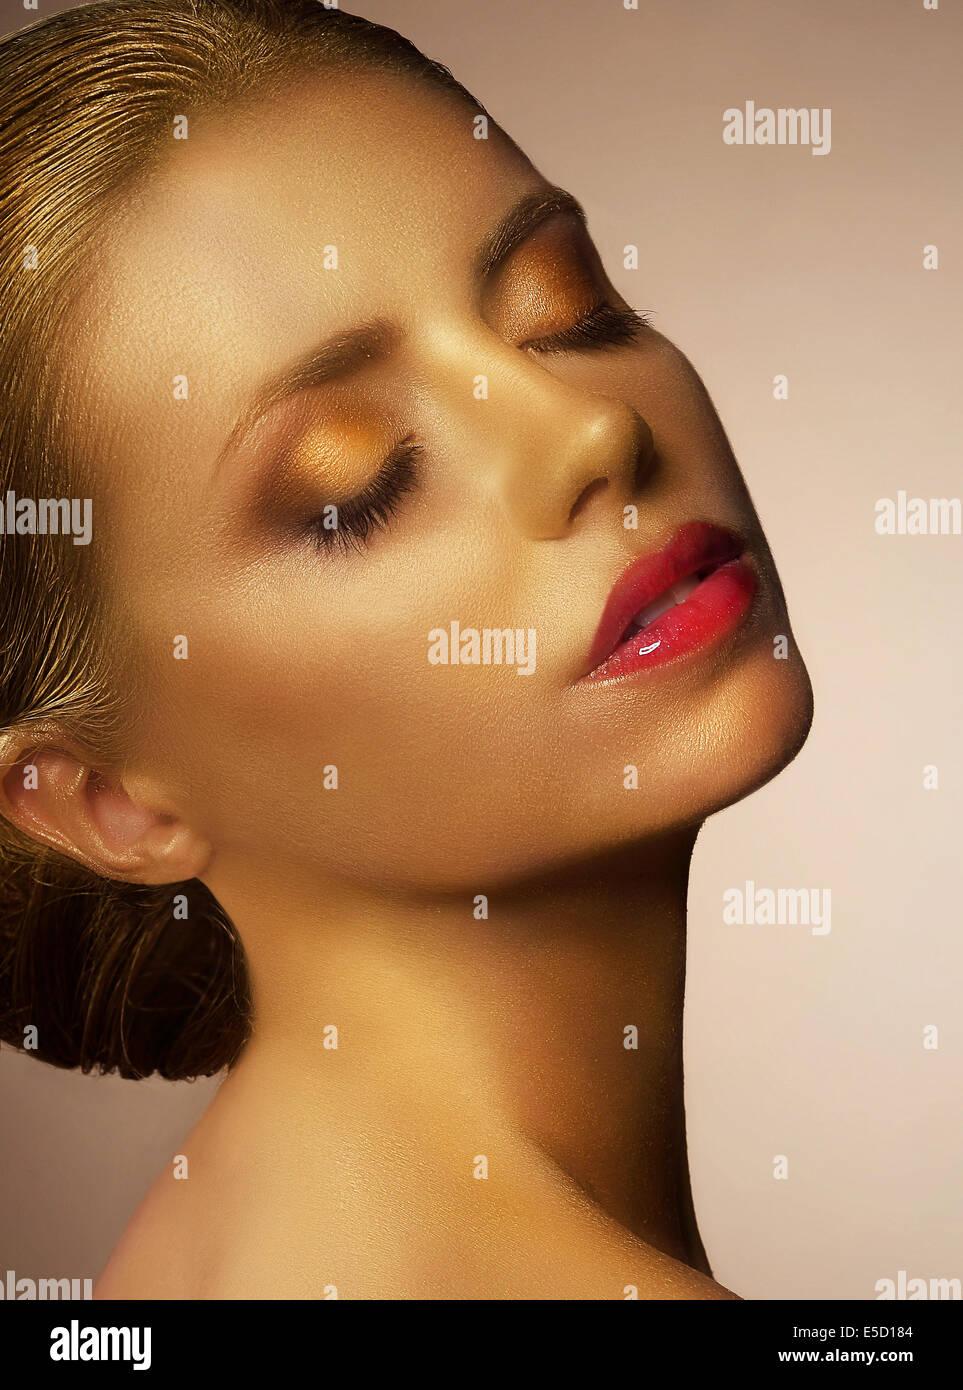 Bodypainting. Vergoldete Frau ins Gesicht. Ausgefallene Golden Make Up Stockbild